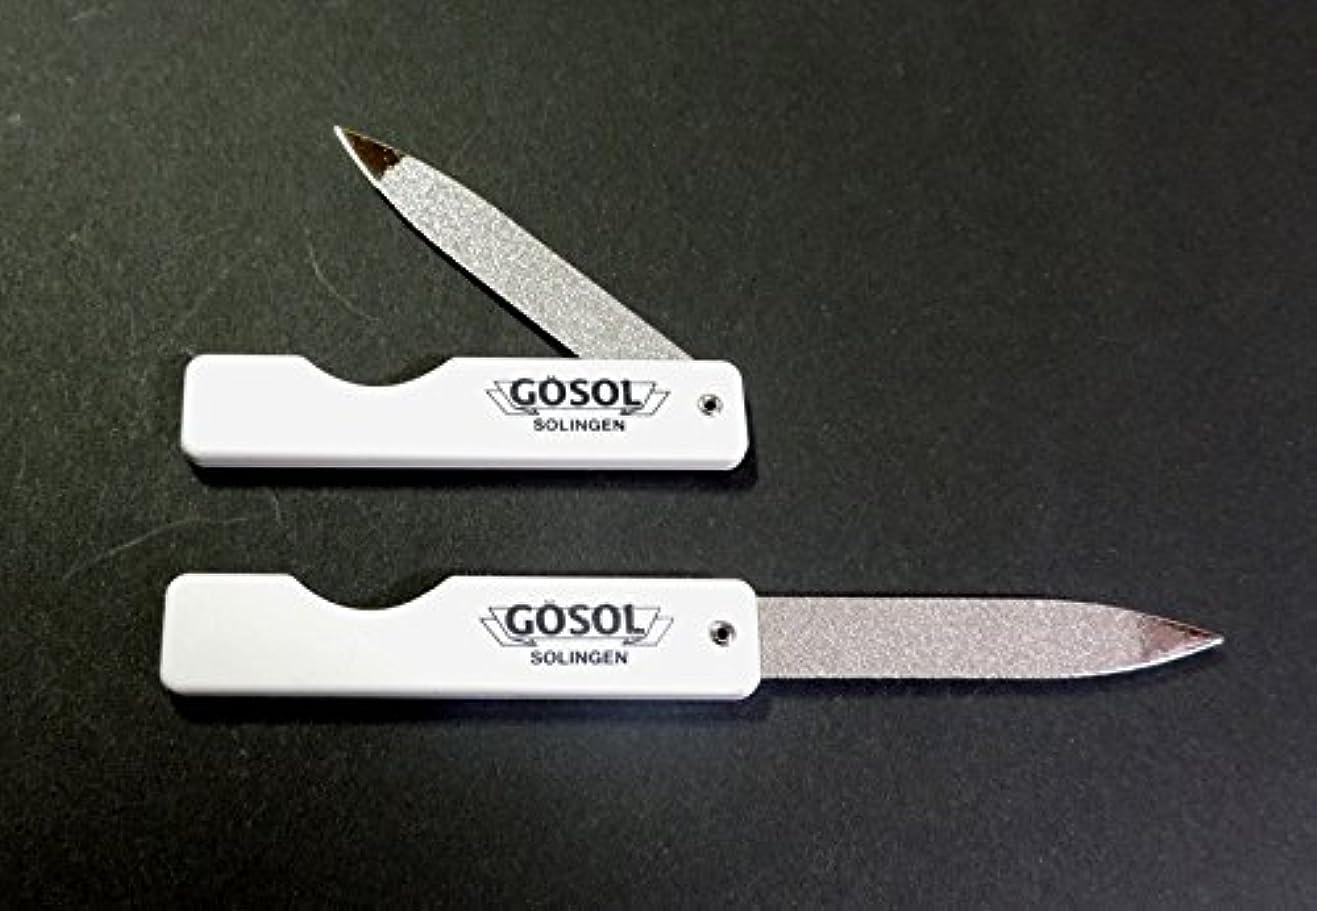 死お嬢ミュージカルゲーゾル(独) GOSOL ポケット爪ヤスリ(折込式、サファイヤ) 白柄2個組